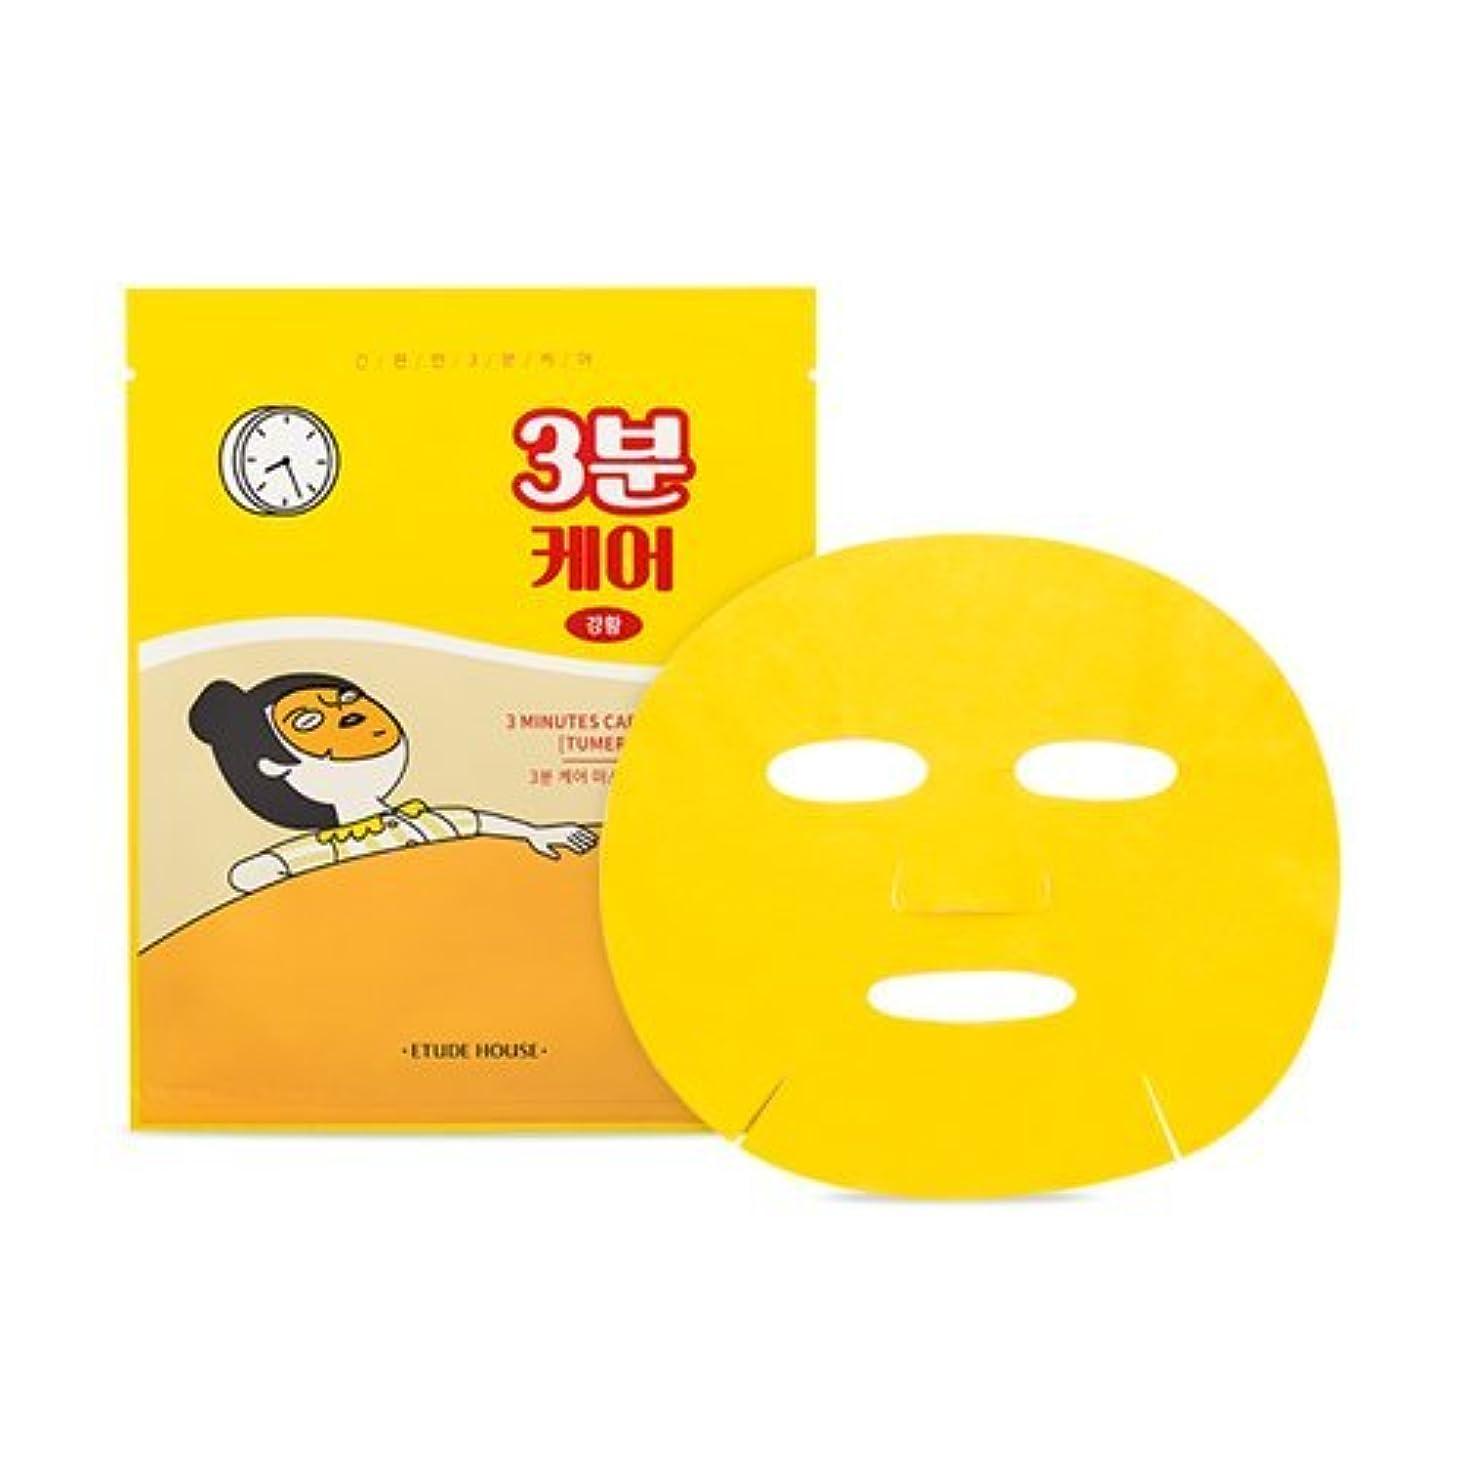 中敬意を表する汚れたエチュードハウス 3分ケア マスク[ ウコン ] 5枚/ETUDE HOUSE 3 Minutes Care Mask [TUMERIC] 23g*5EA